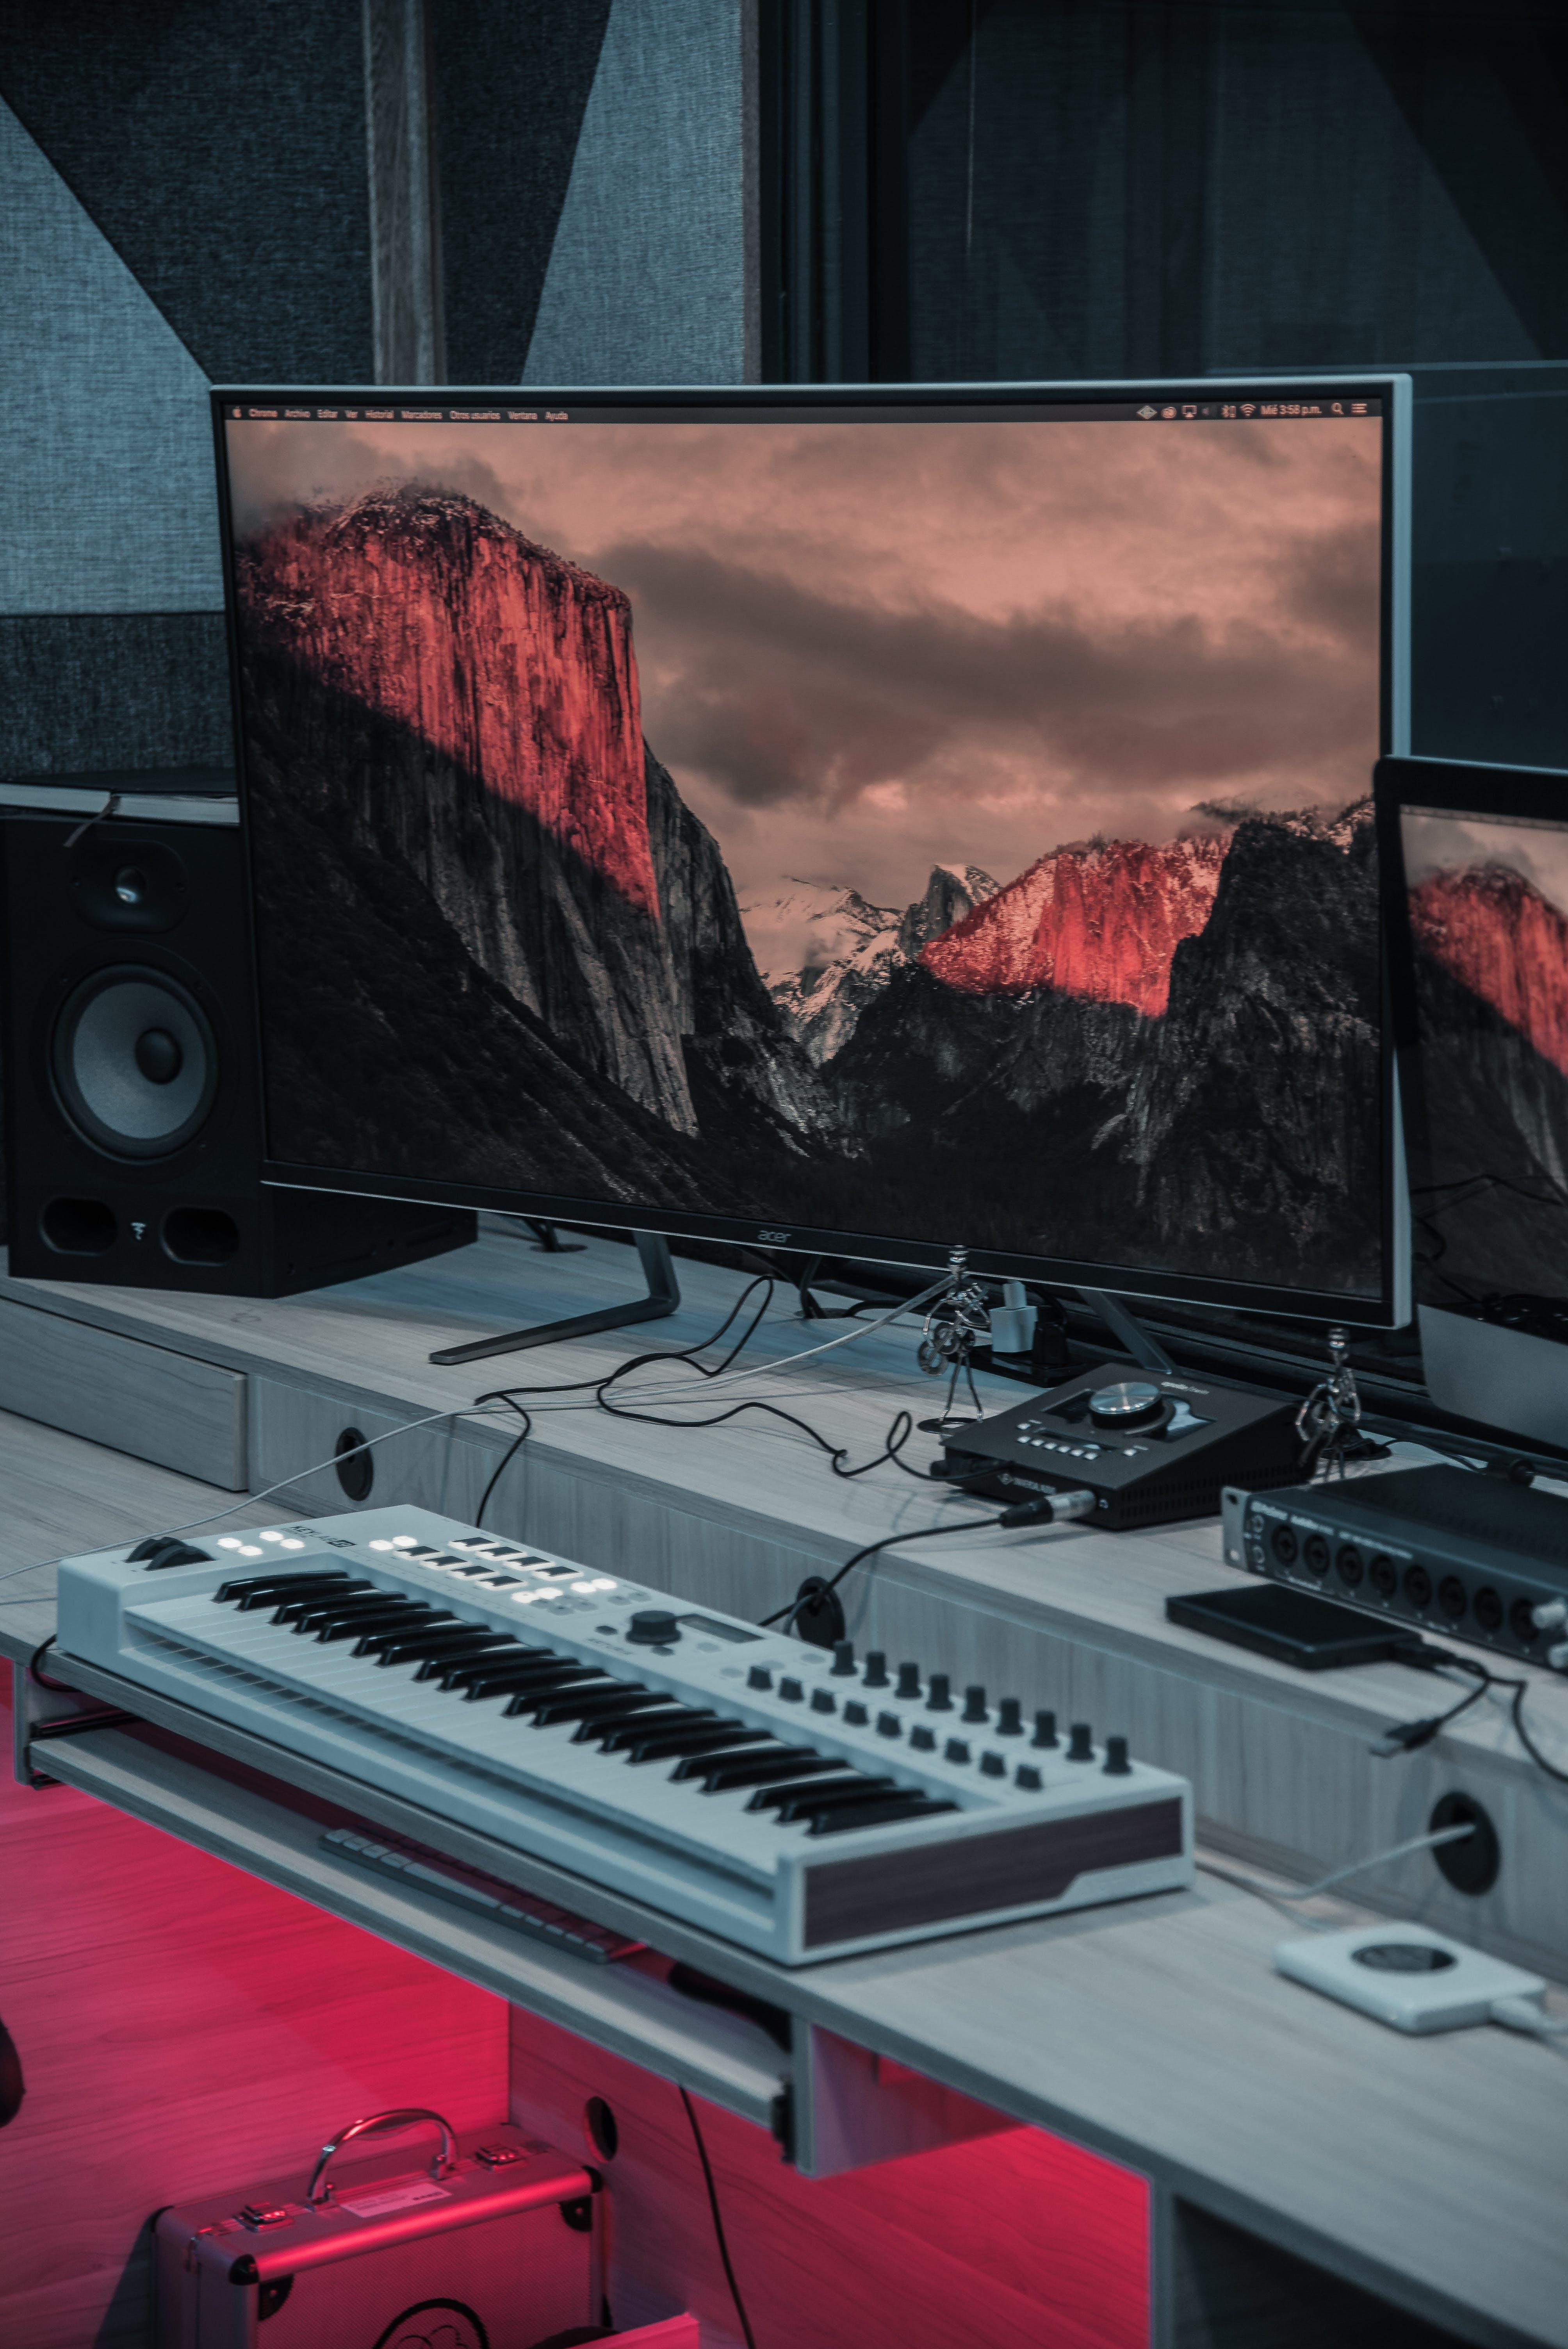 儀器, 室內, 工作室, 房間 的 免費圖庫相片